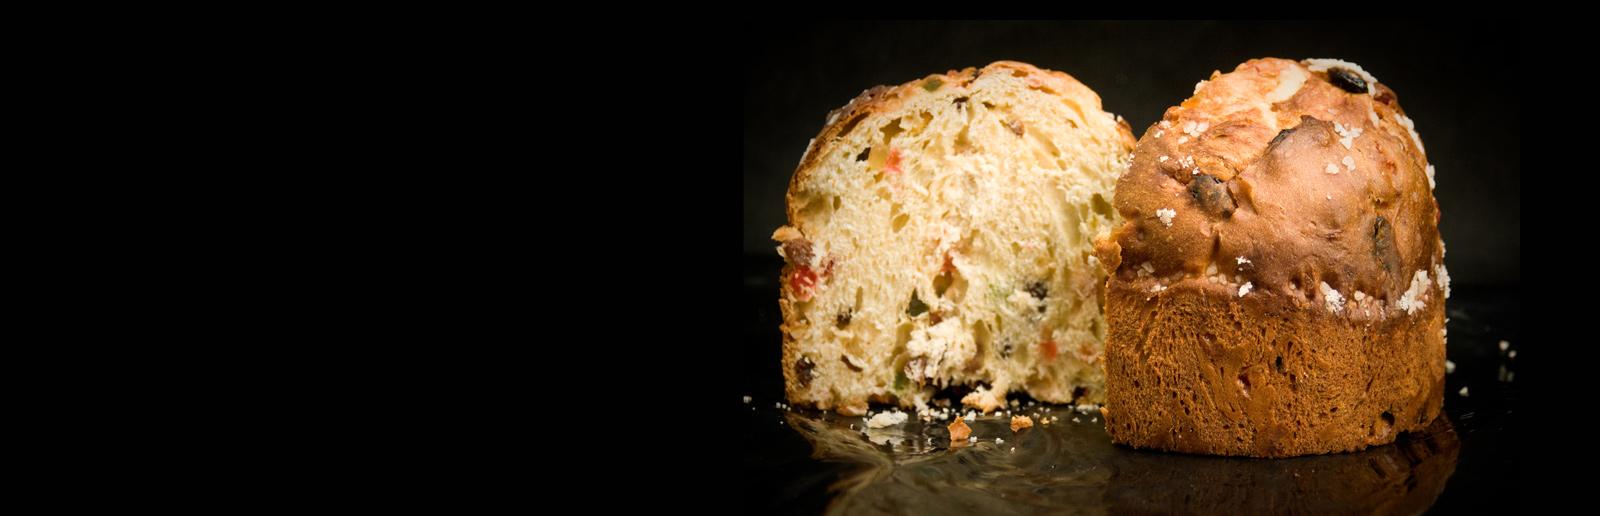 panaderia-christian-pasteleria